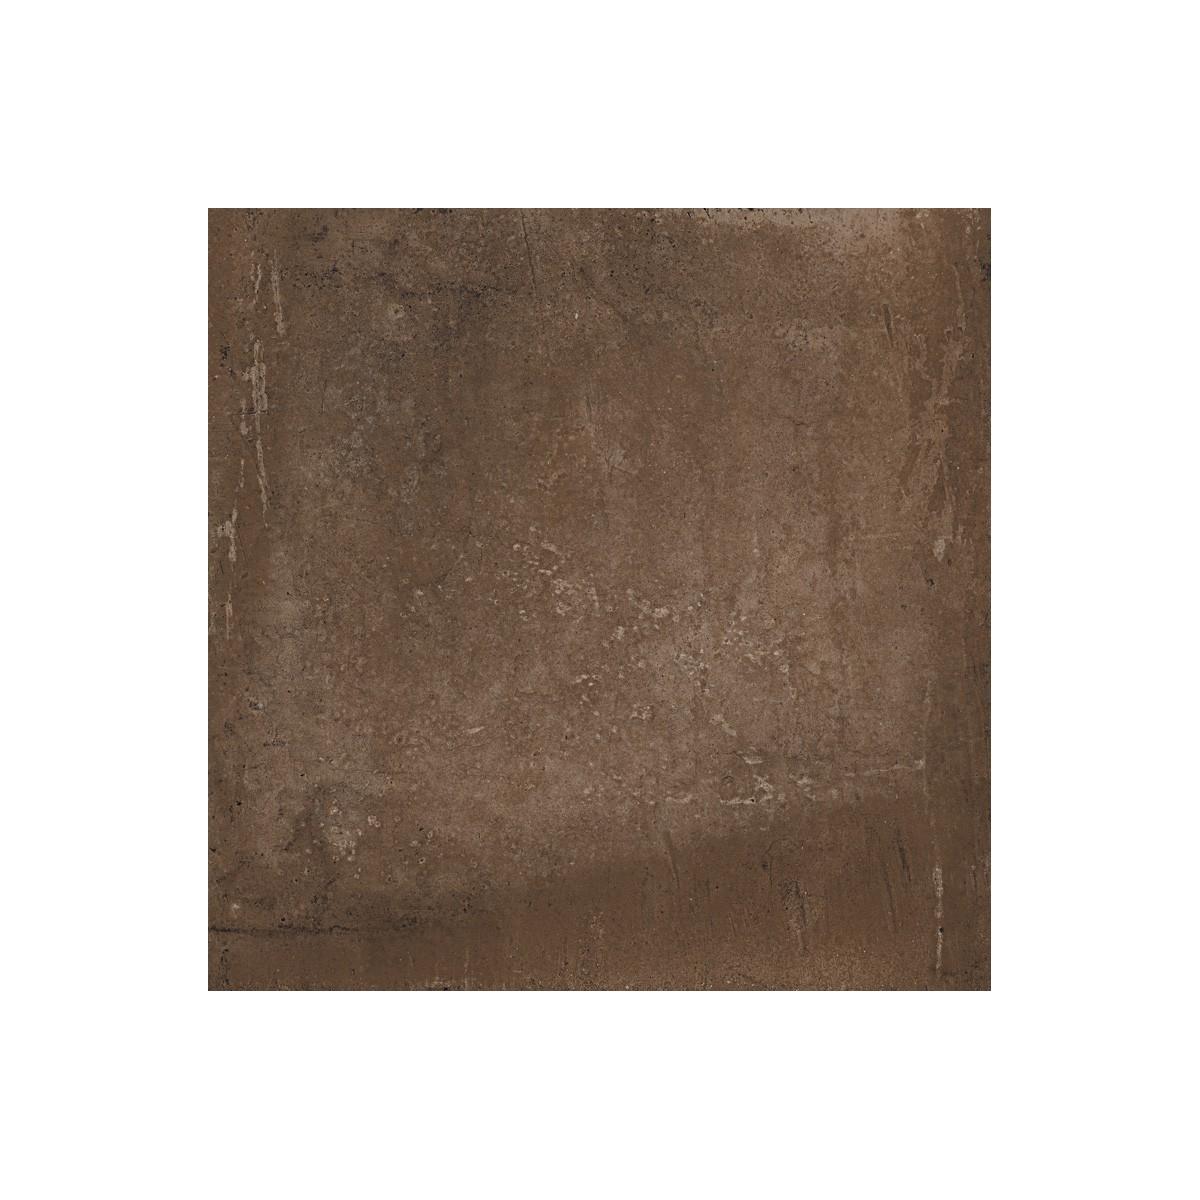 Rustic Moka Colección Rustic de Gaya Fores